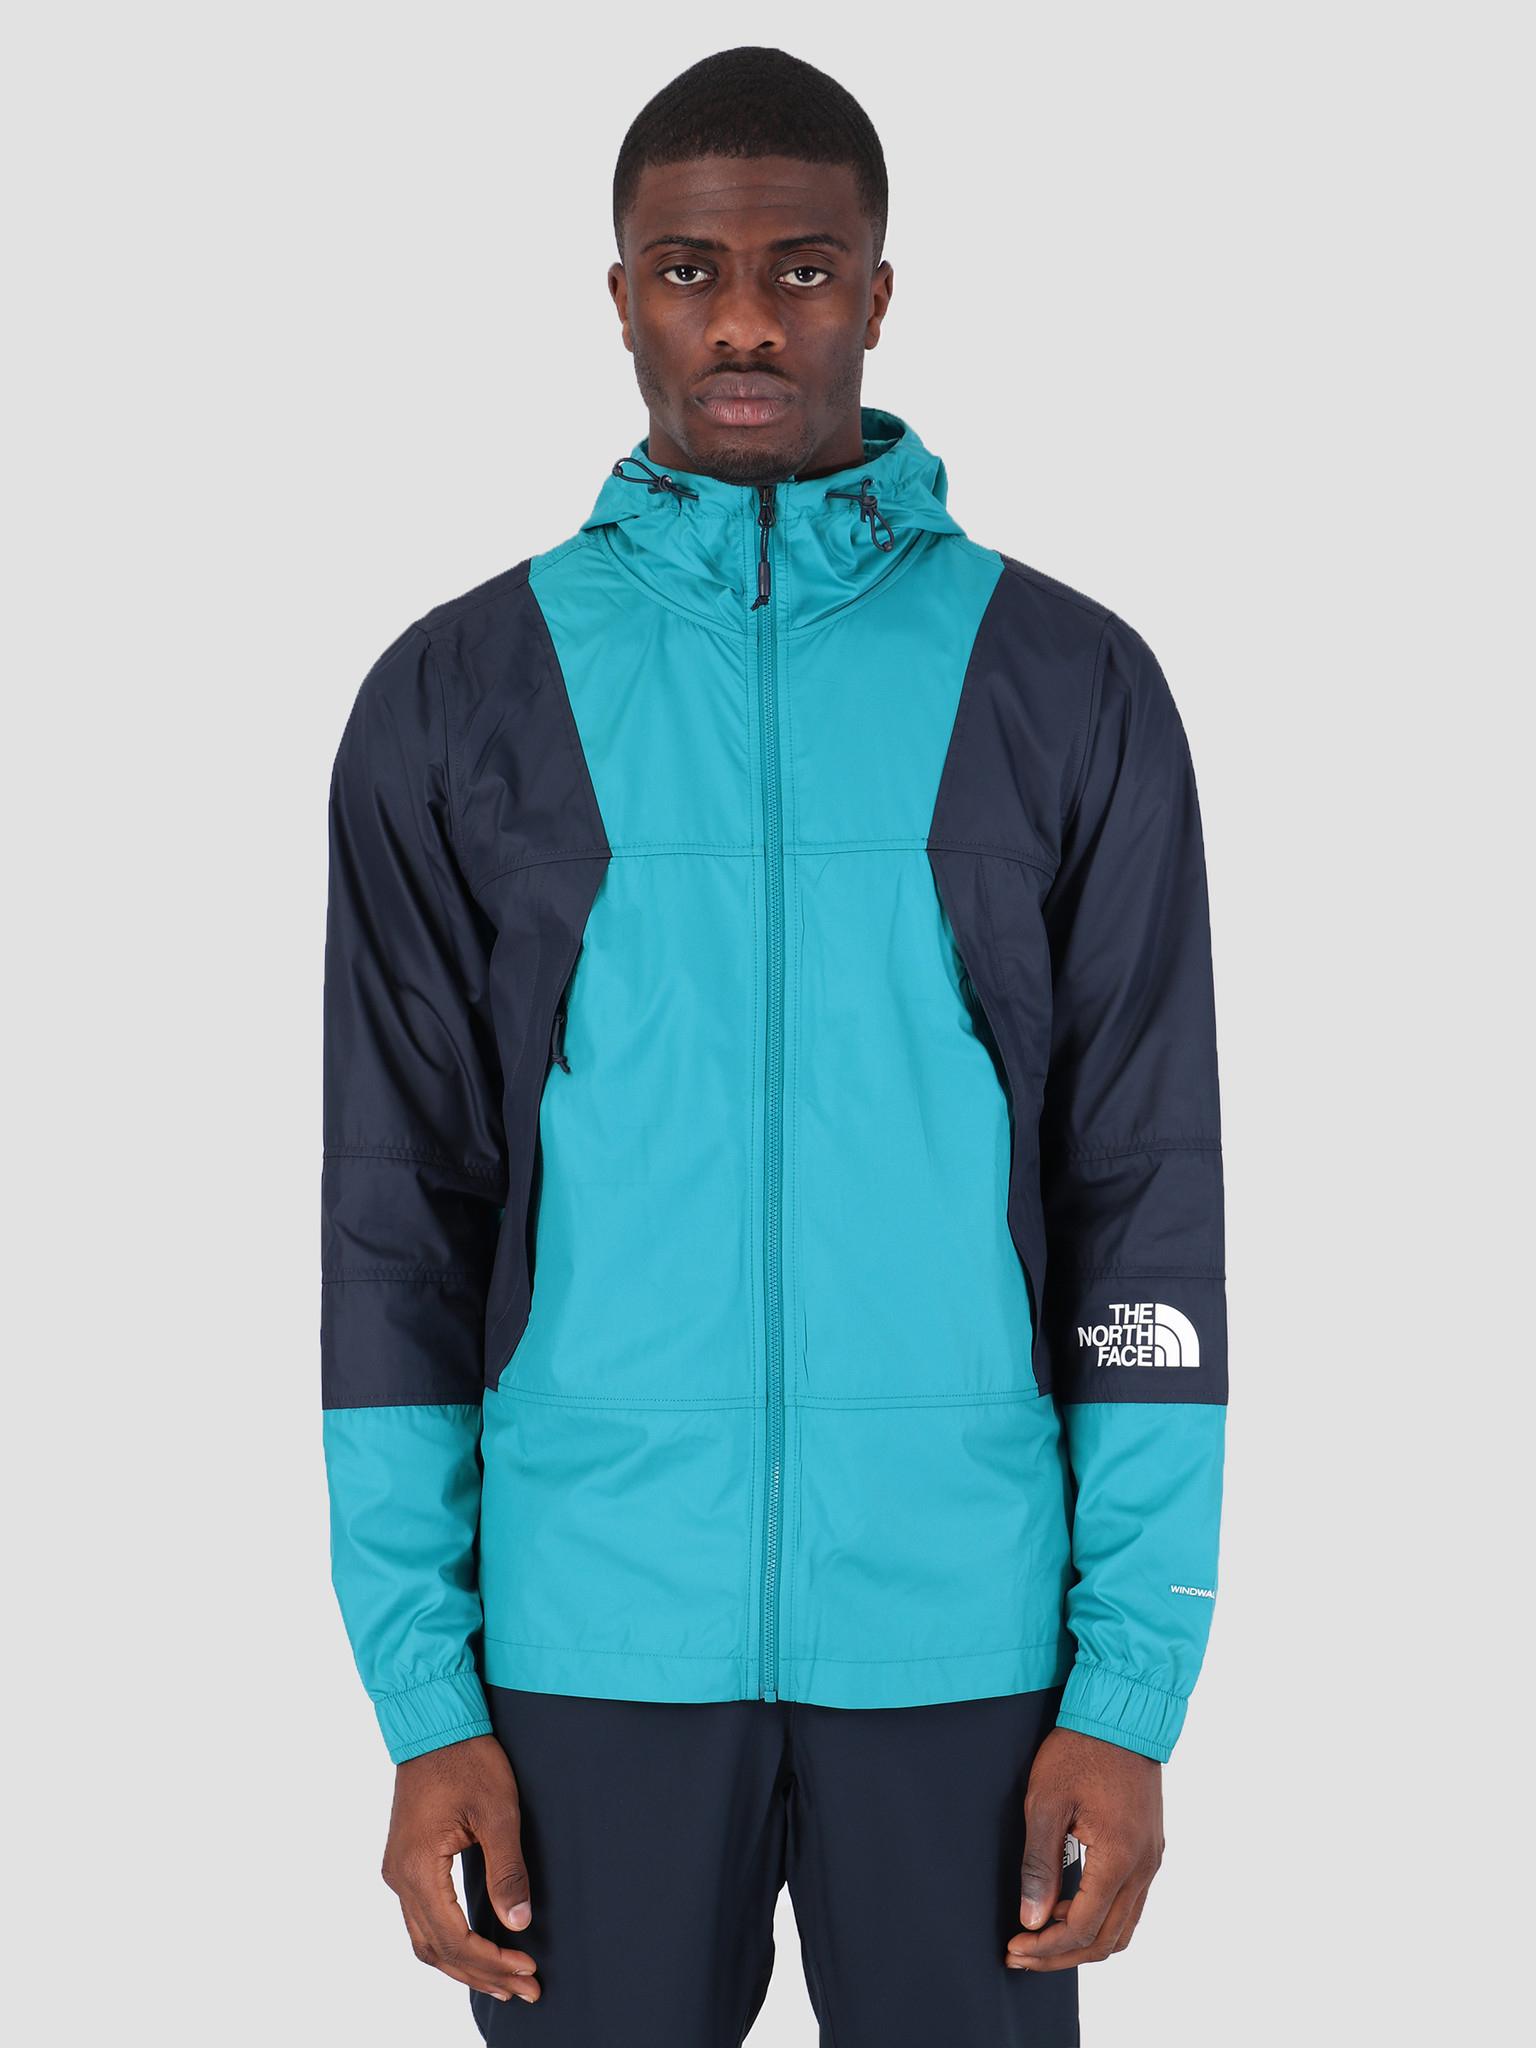 The North Face Mnt Lht Windsh Jacket van 100 voor 60 (laatste maat XL)